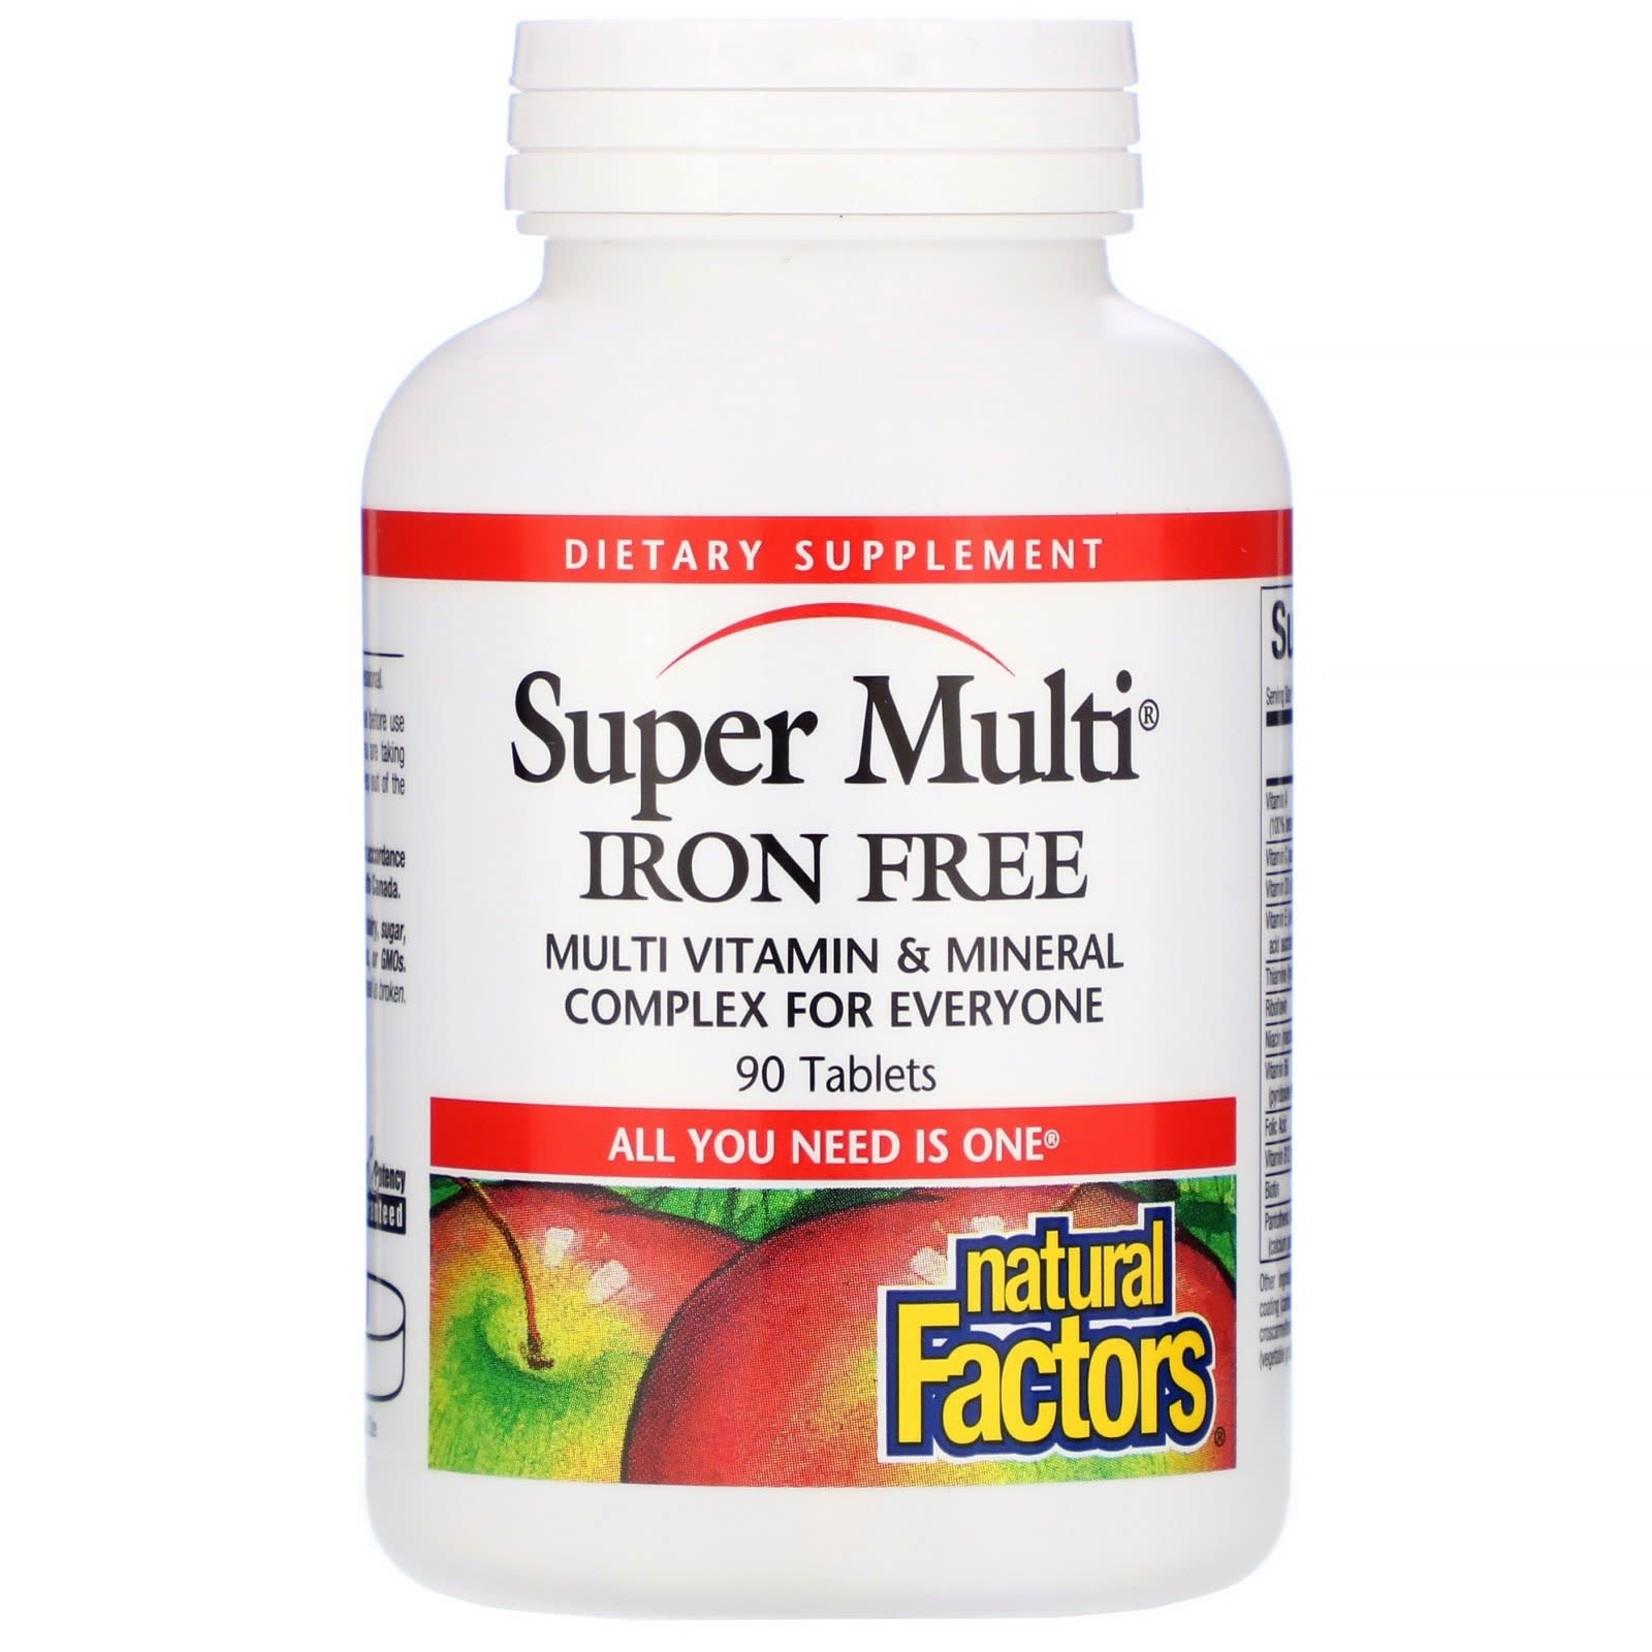 Natural Factors Natural Factors Super Multi Iron Free 90 tabs